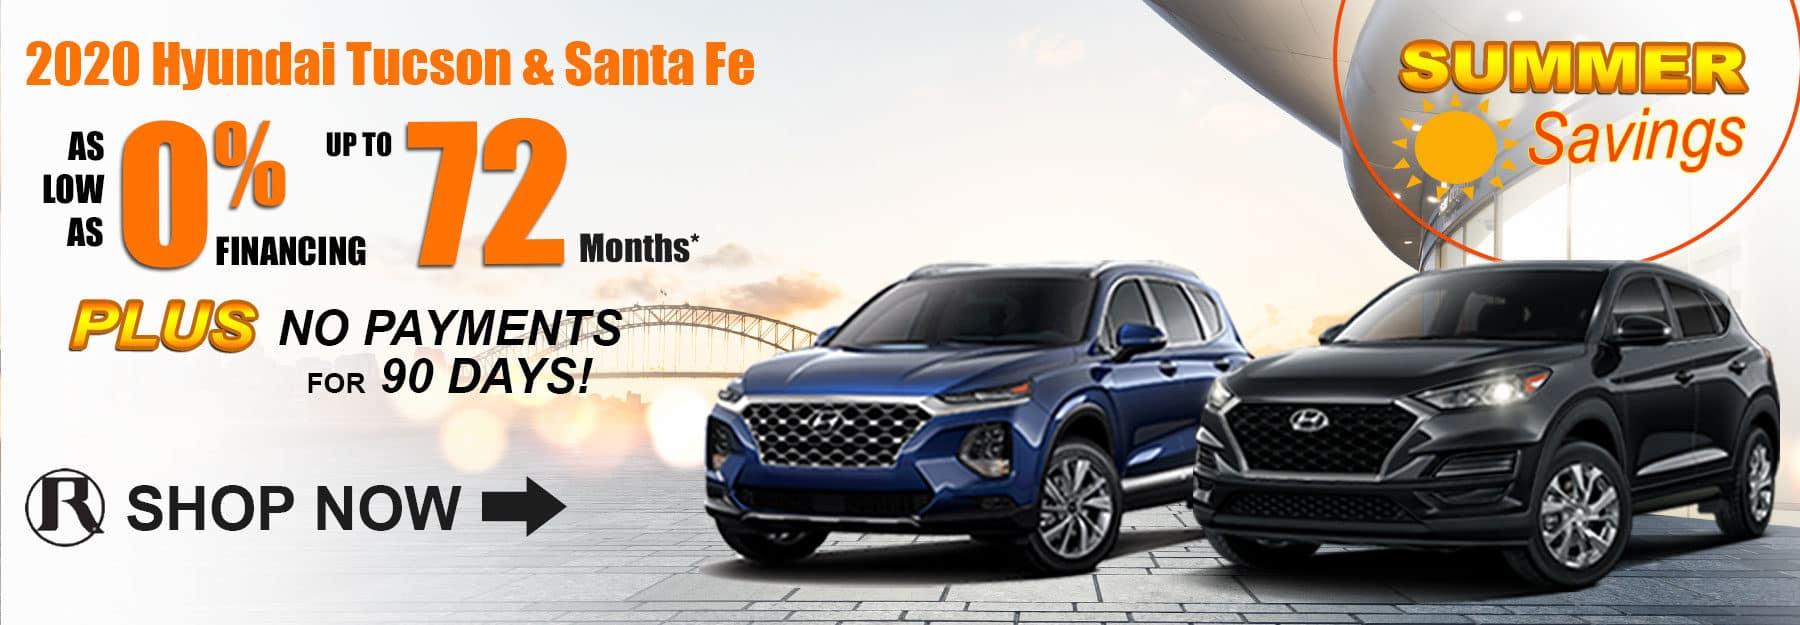 2020 Hyundai Tucson & Santa Fe